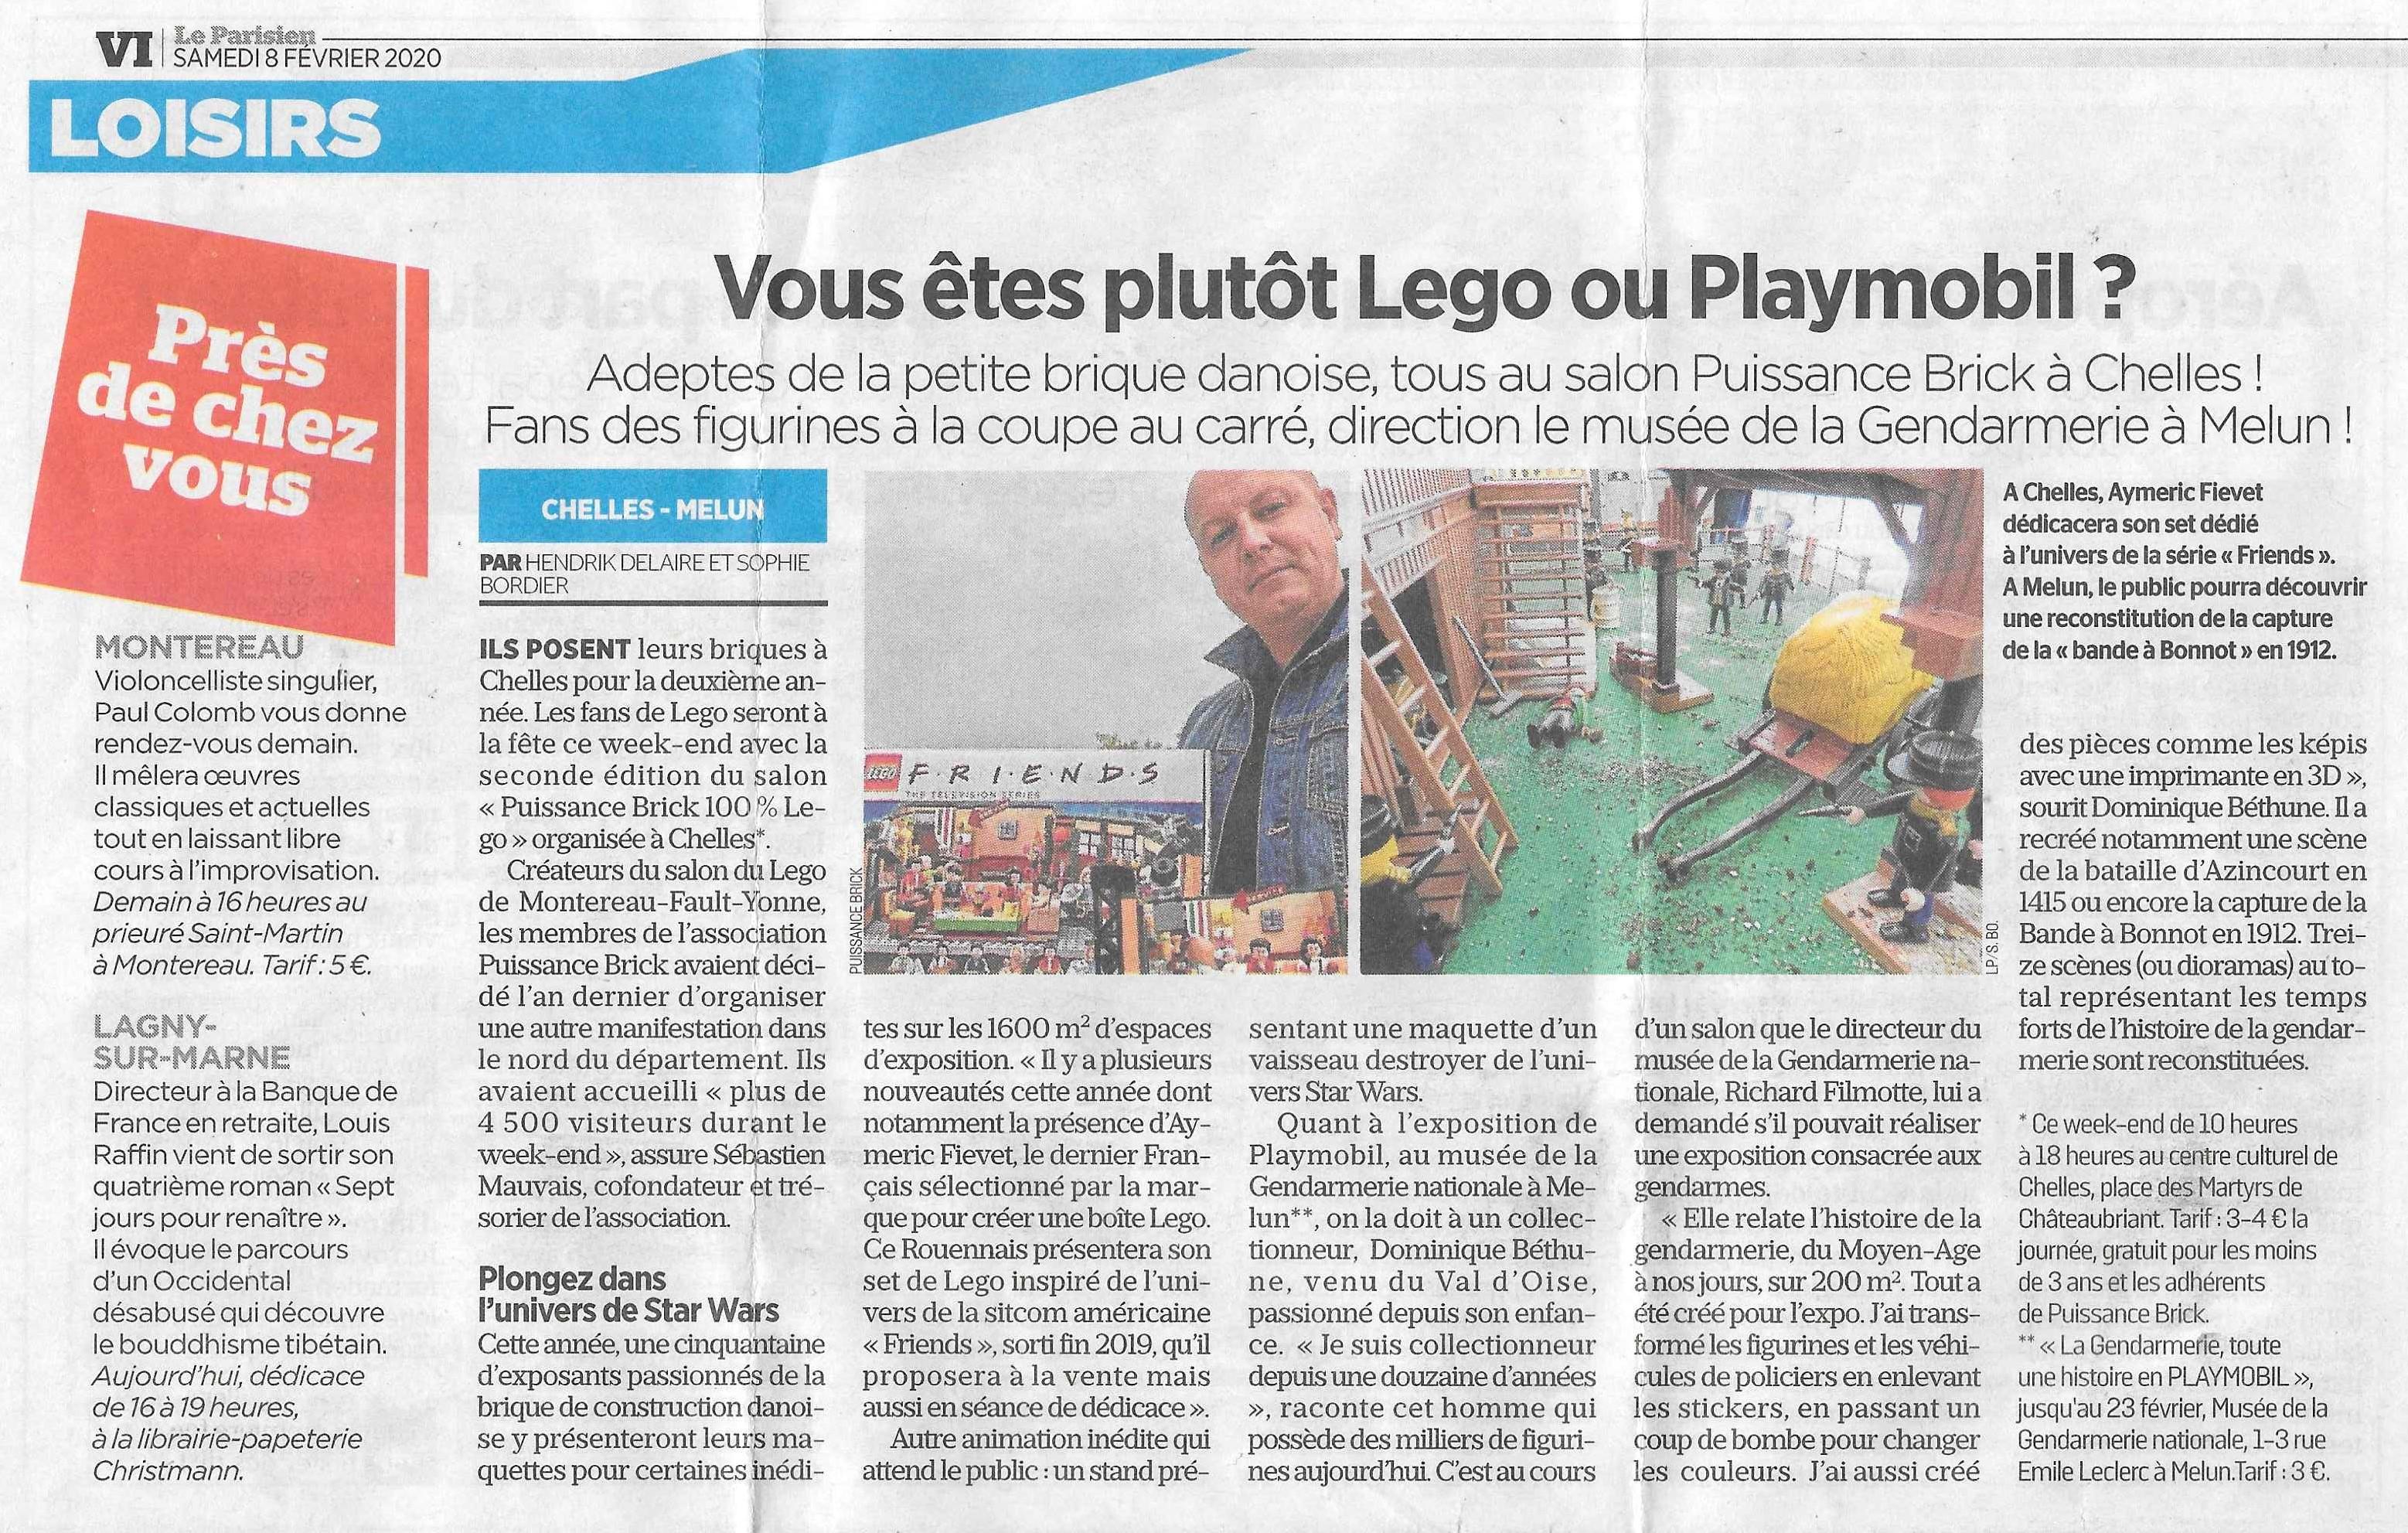 Exposition playmobil gendarmerie de melun